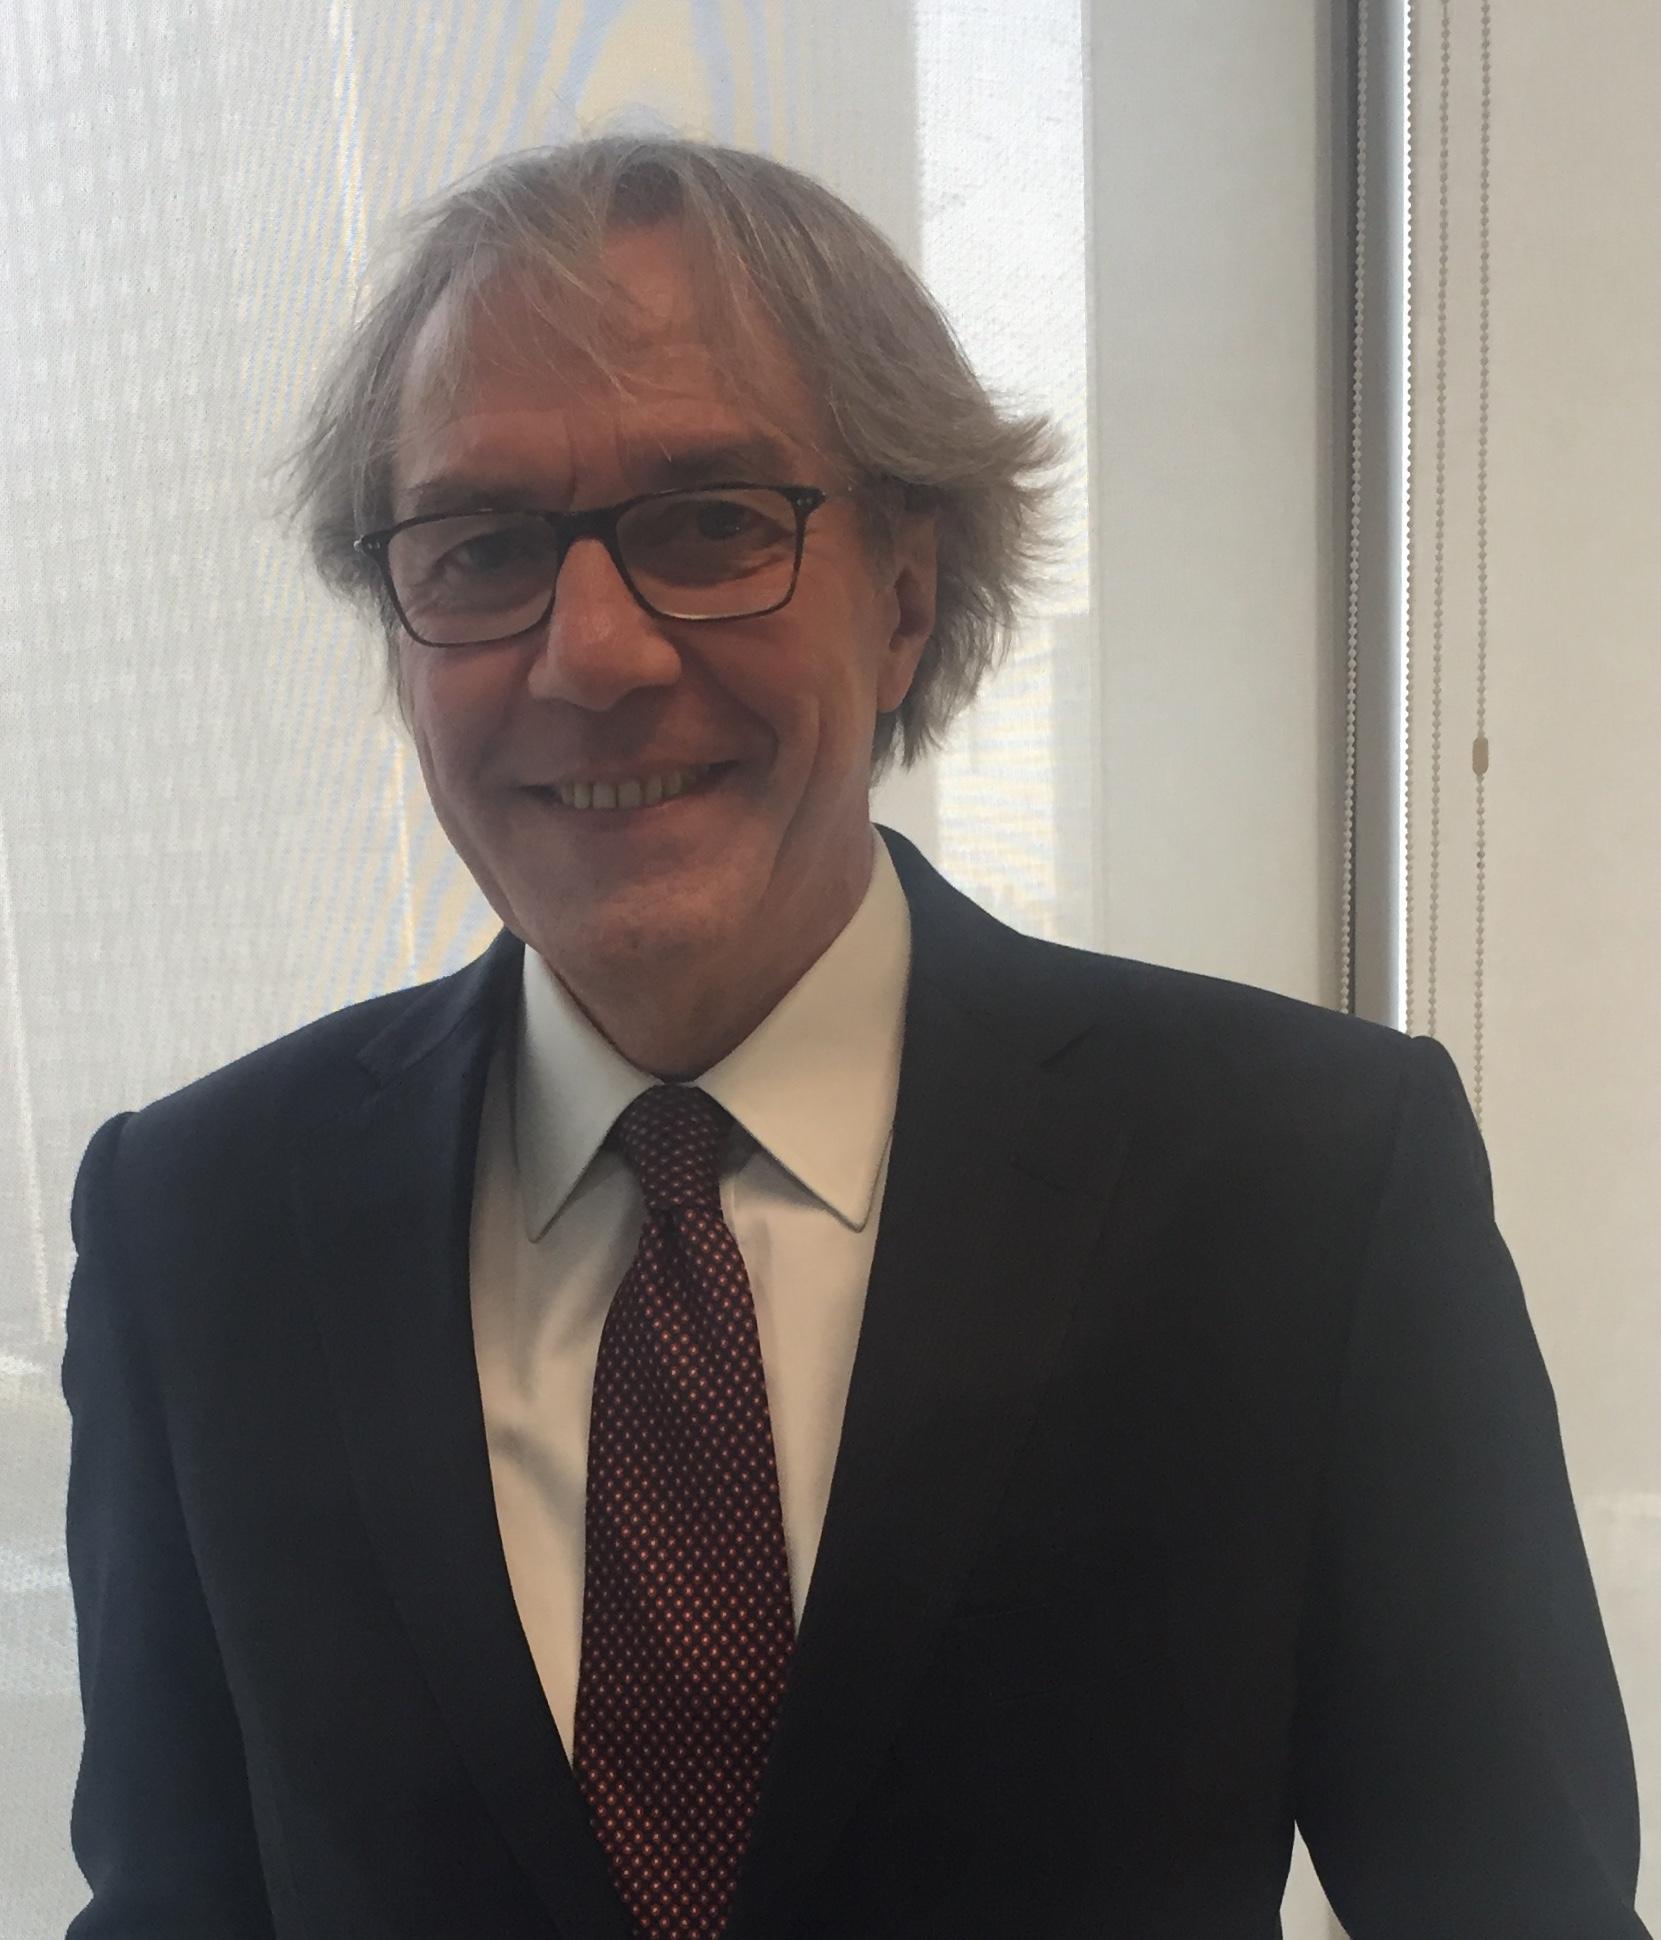 Marco di tommaso gmc global management china master for Camera di commercio italiana in cina